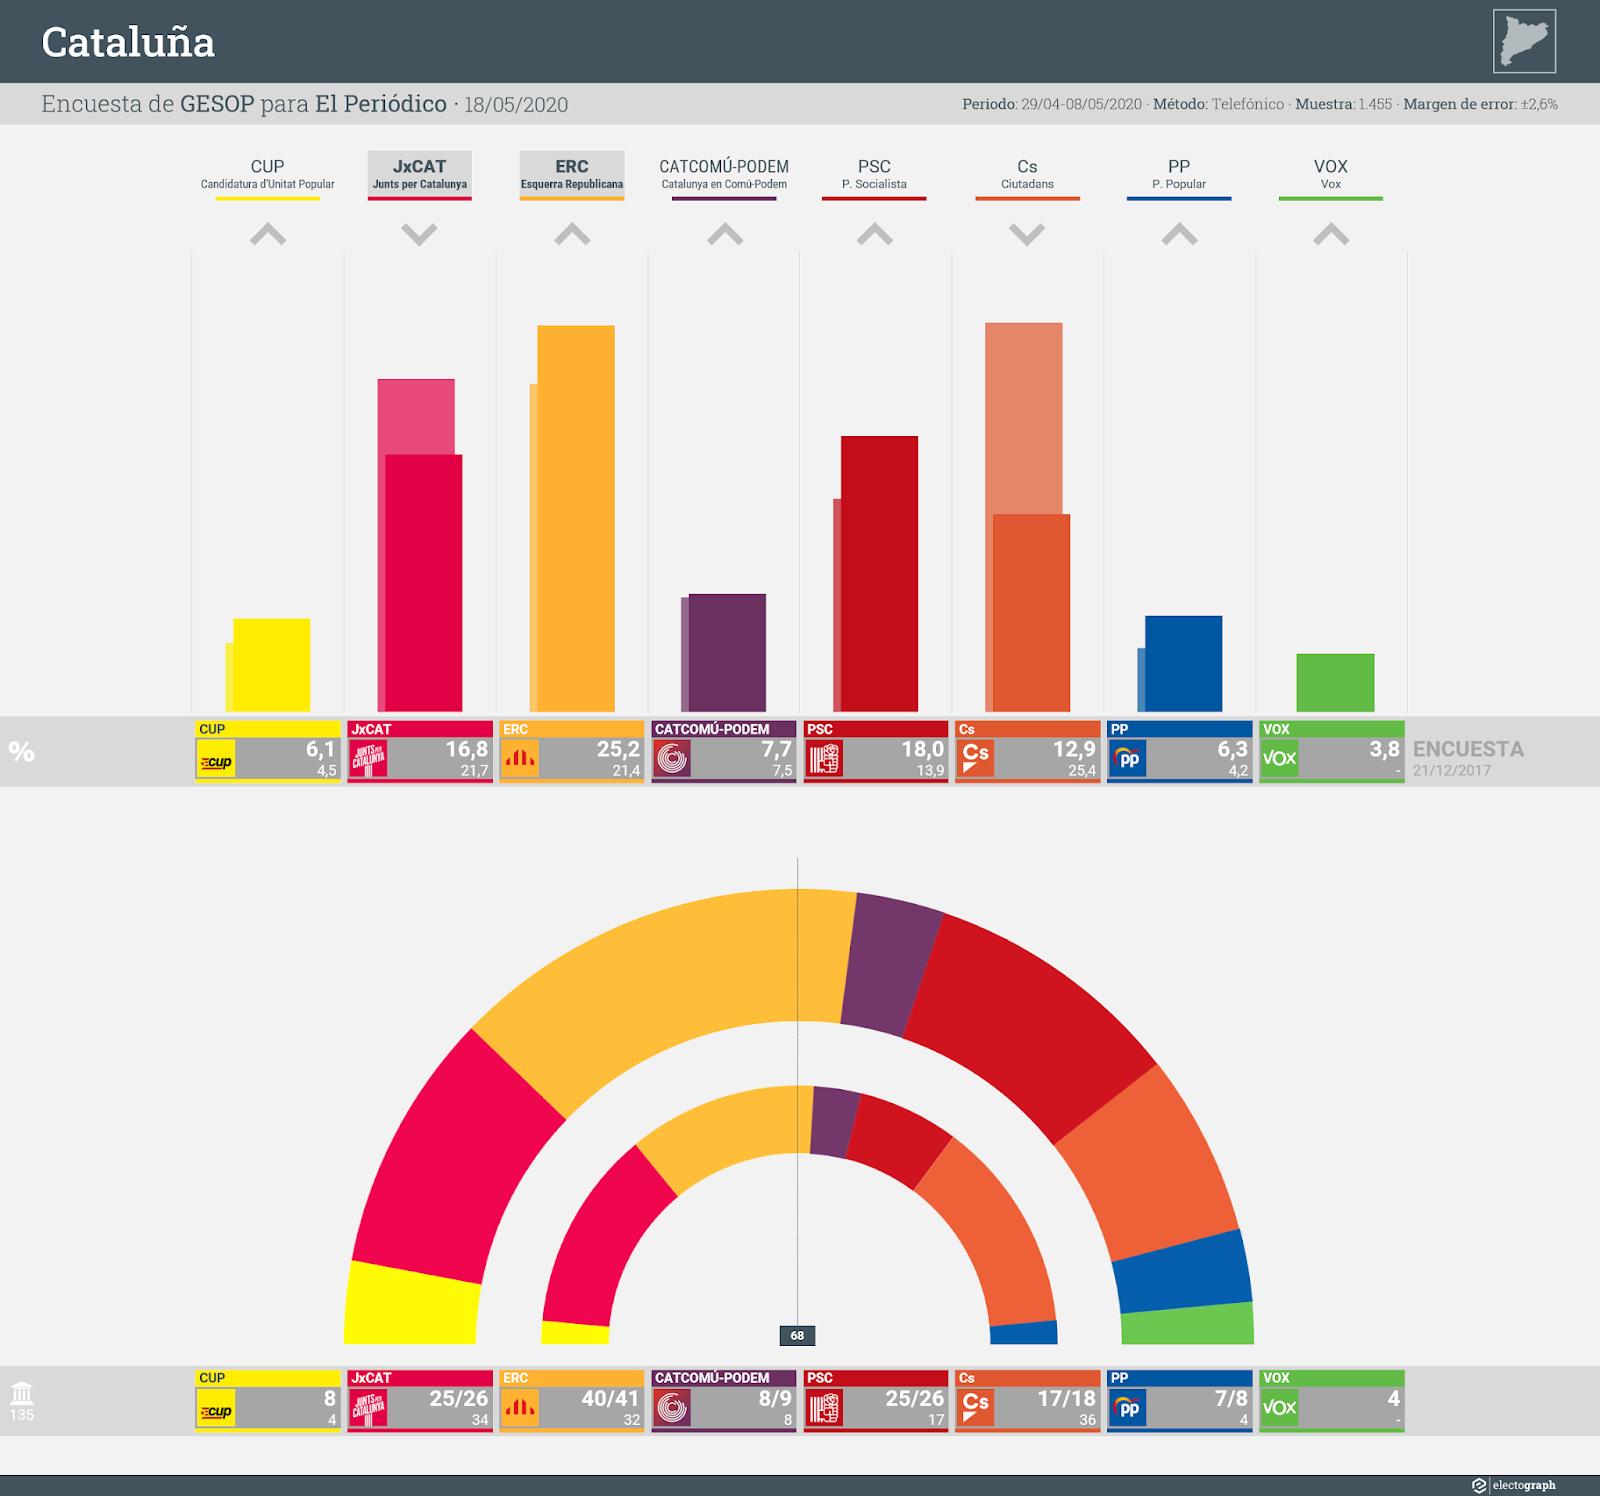 Gráfico de la encuesta para elecciones autonómicas en Cataluña realizada por GESOP para El Periódico, 18 de mayo de 2020